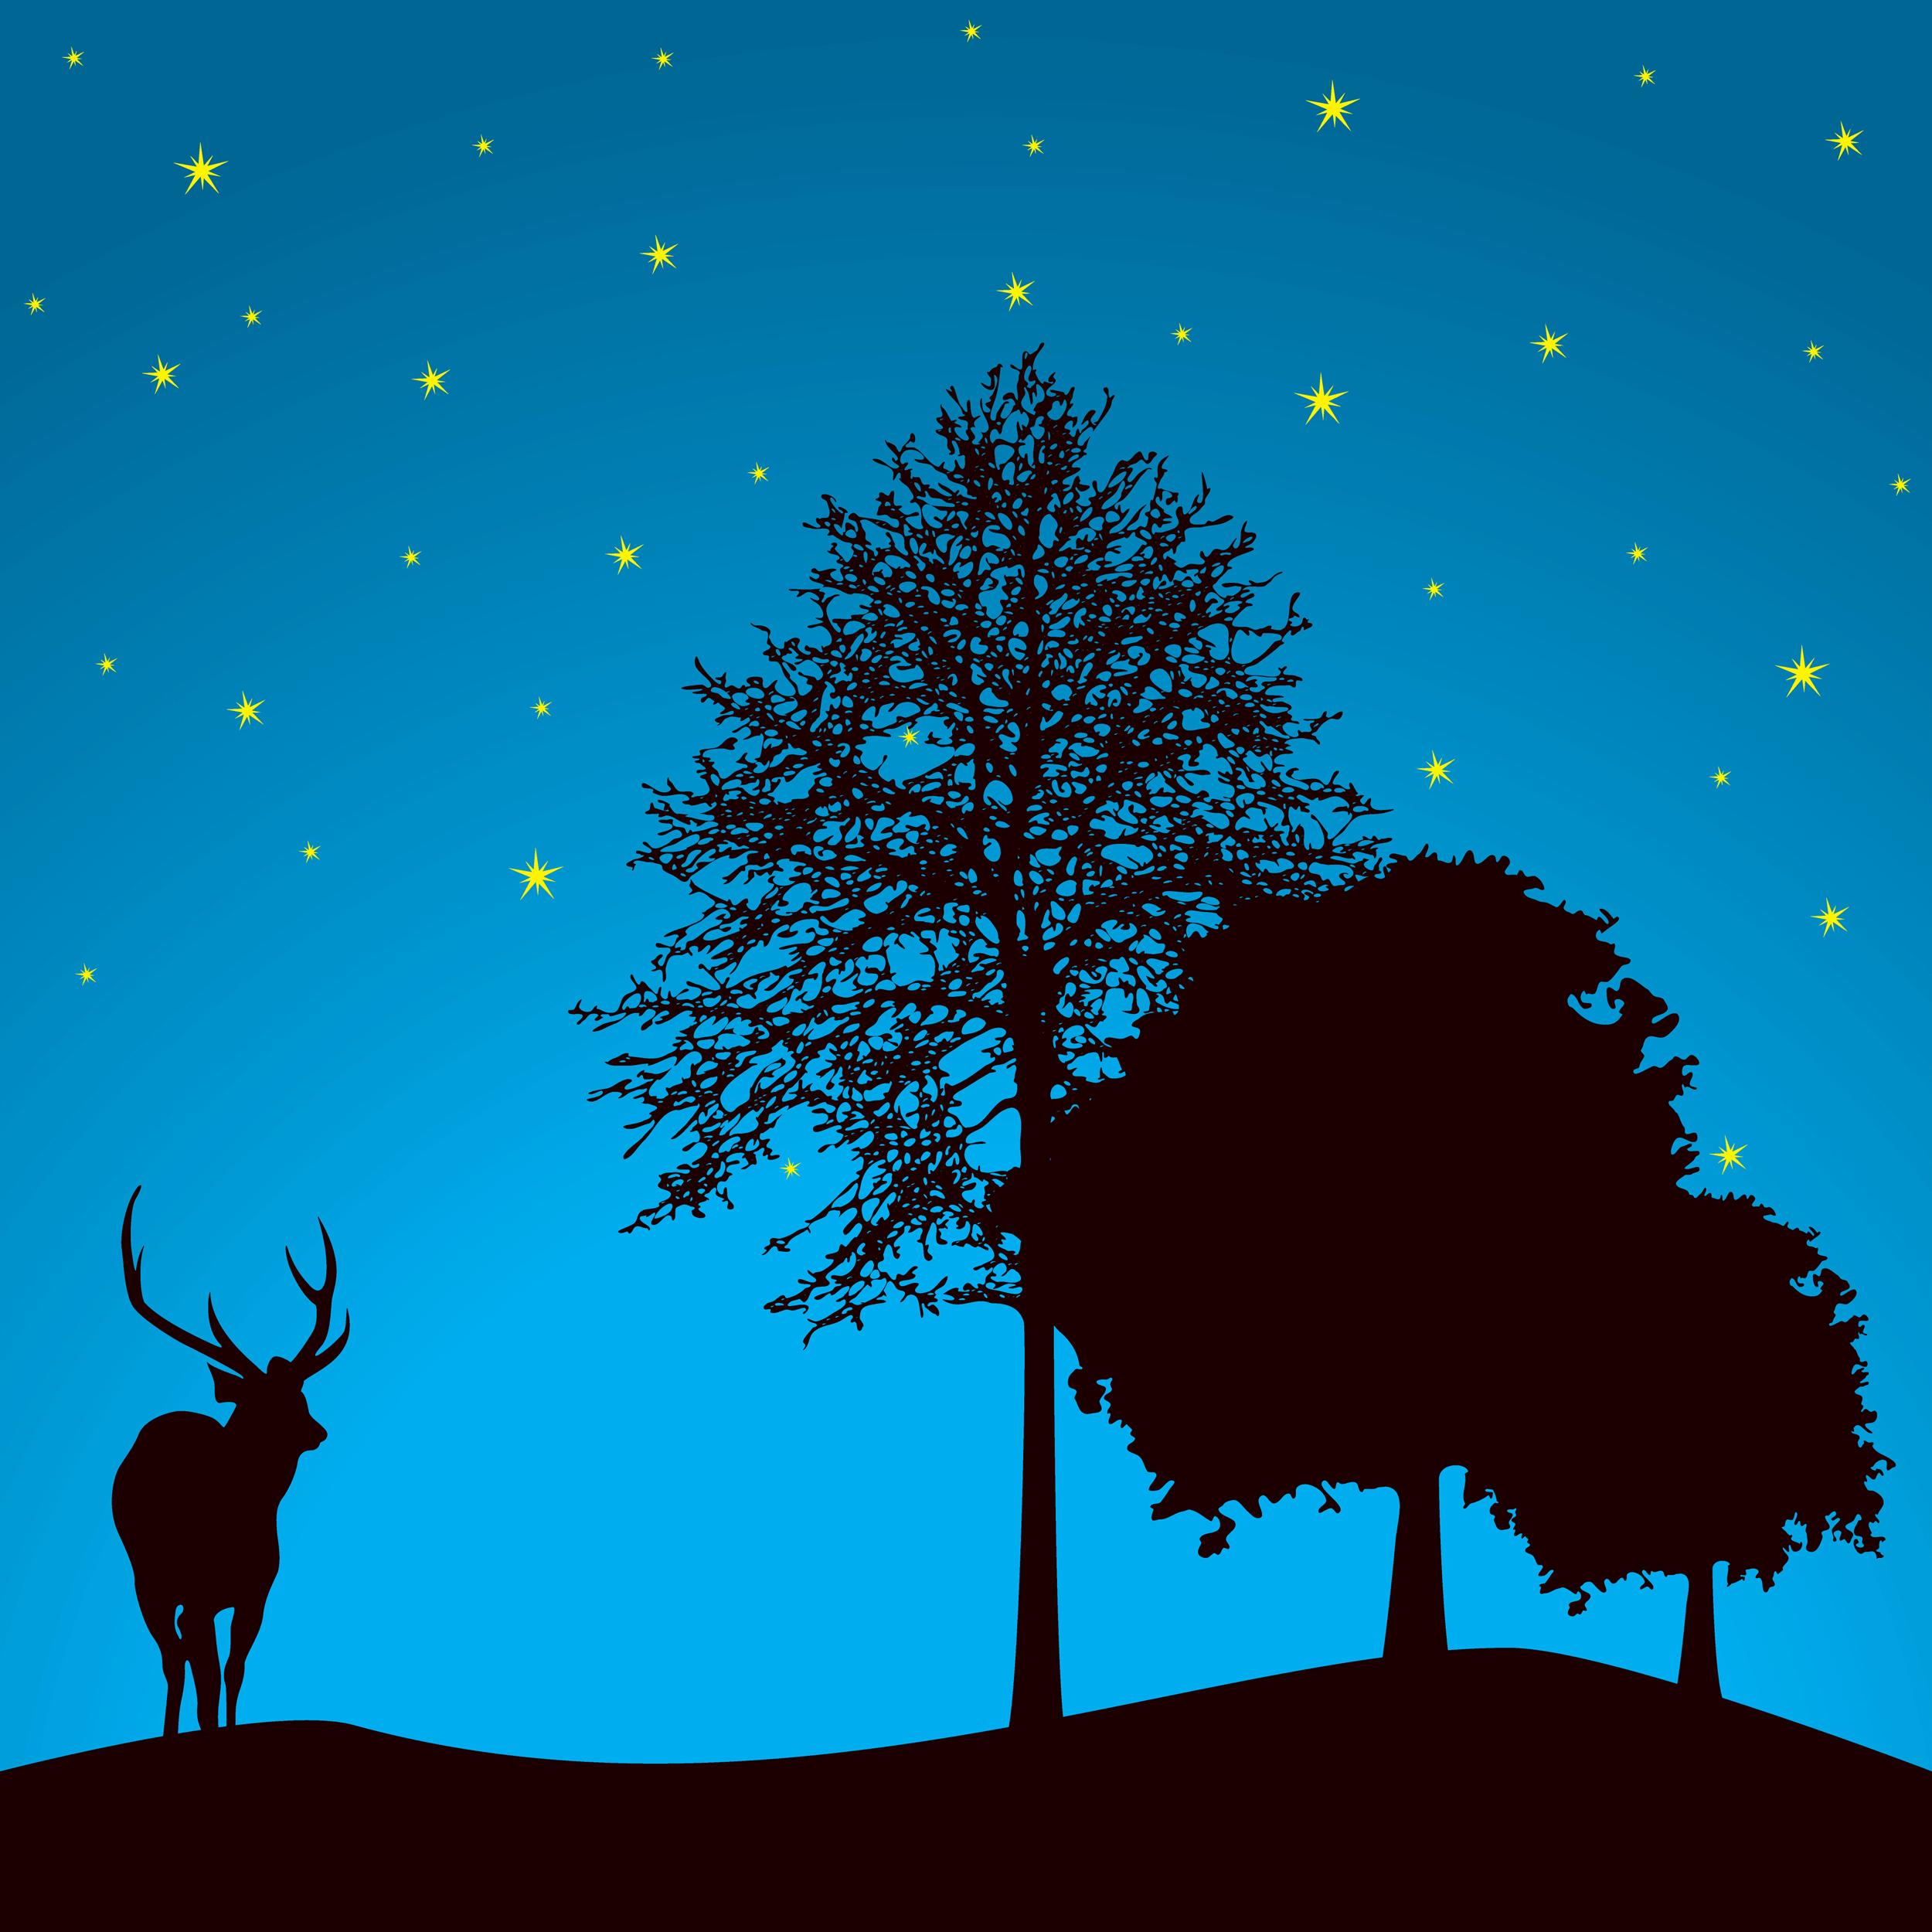 「フリー画像 深夜」の画像検索結果